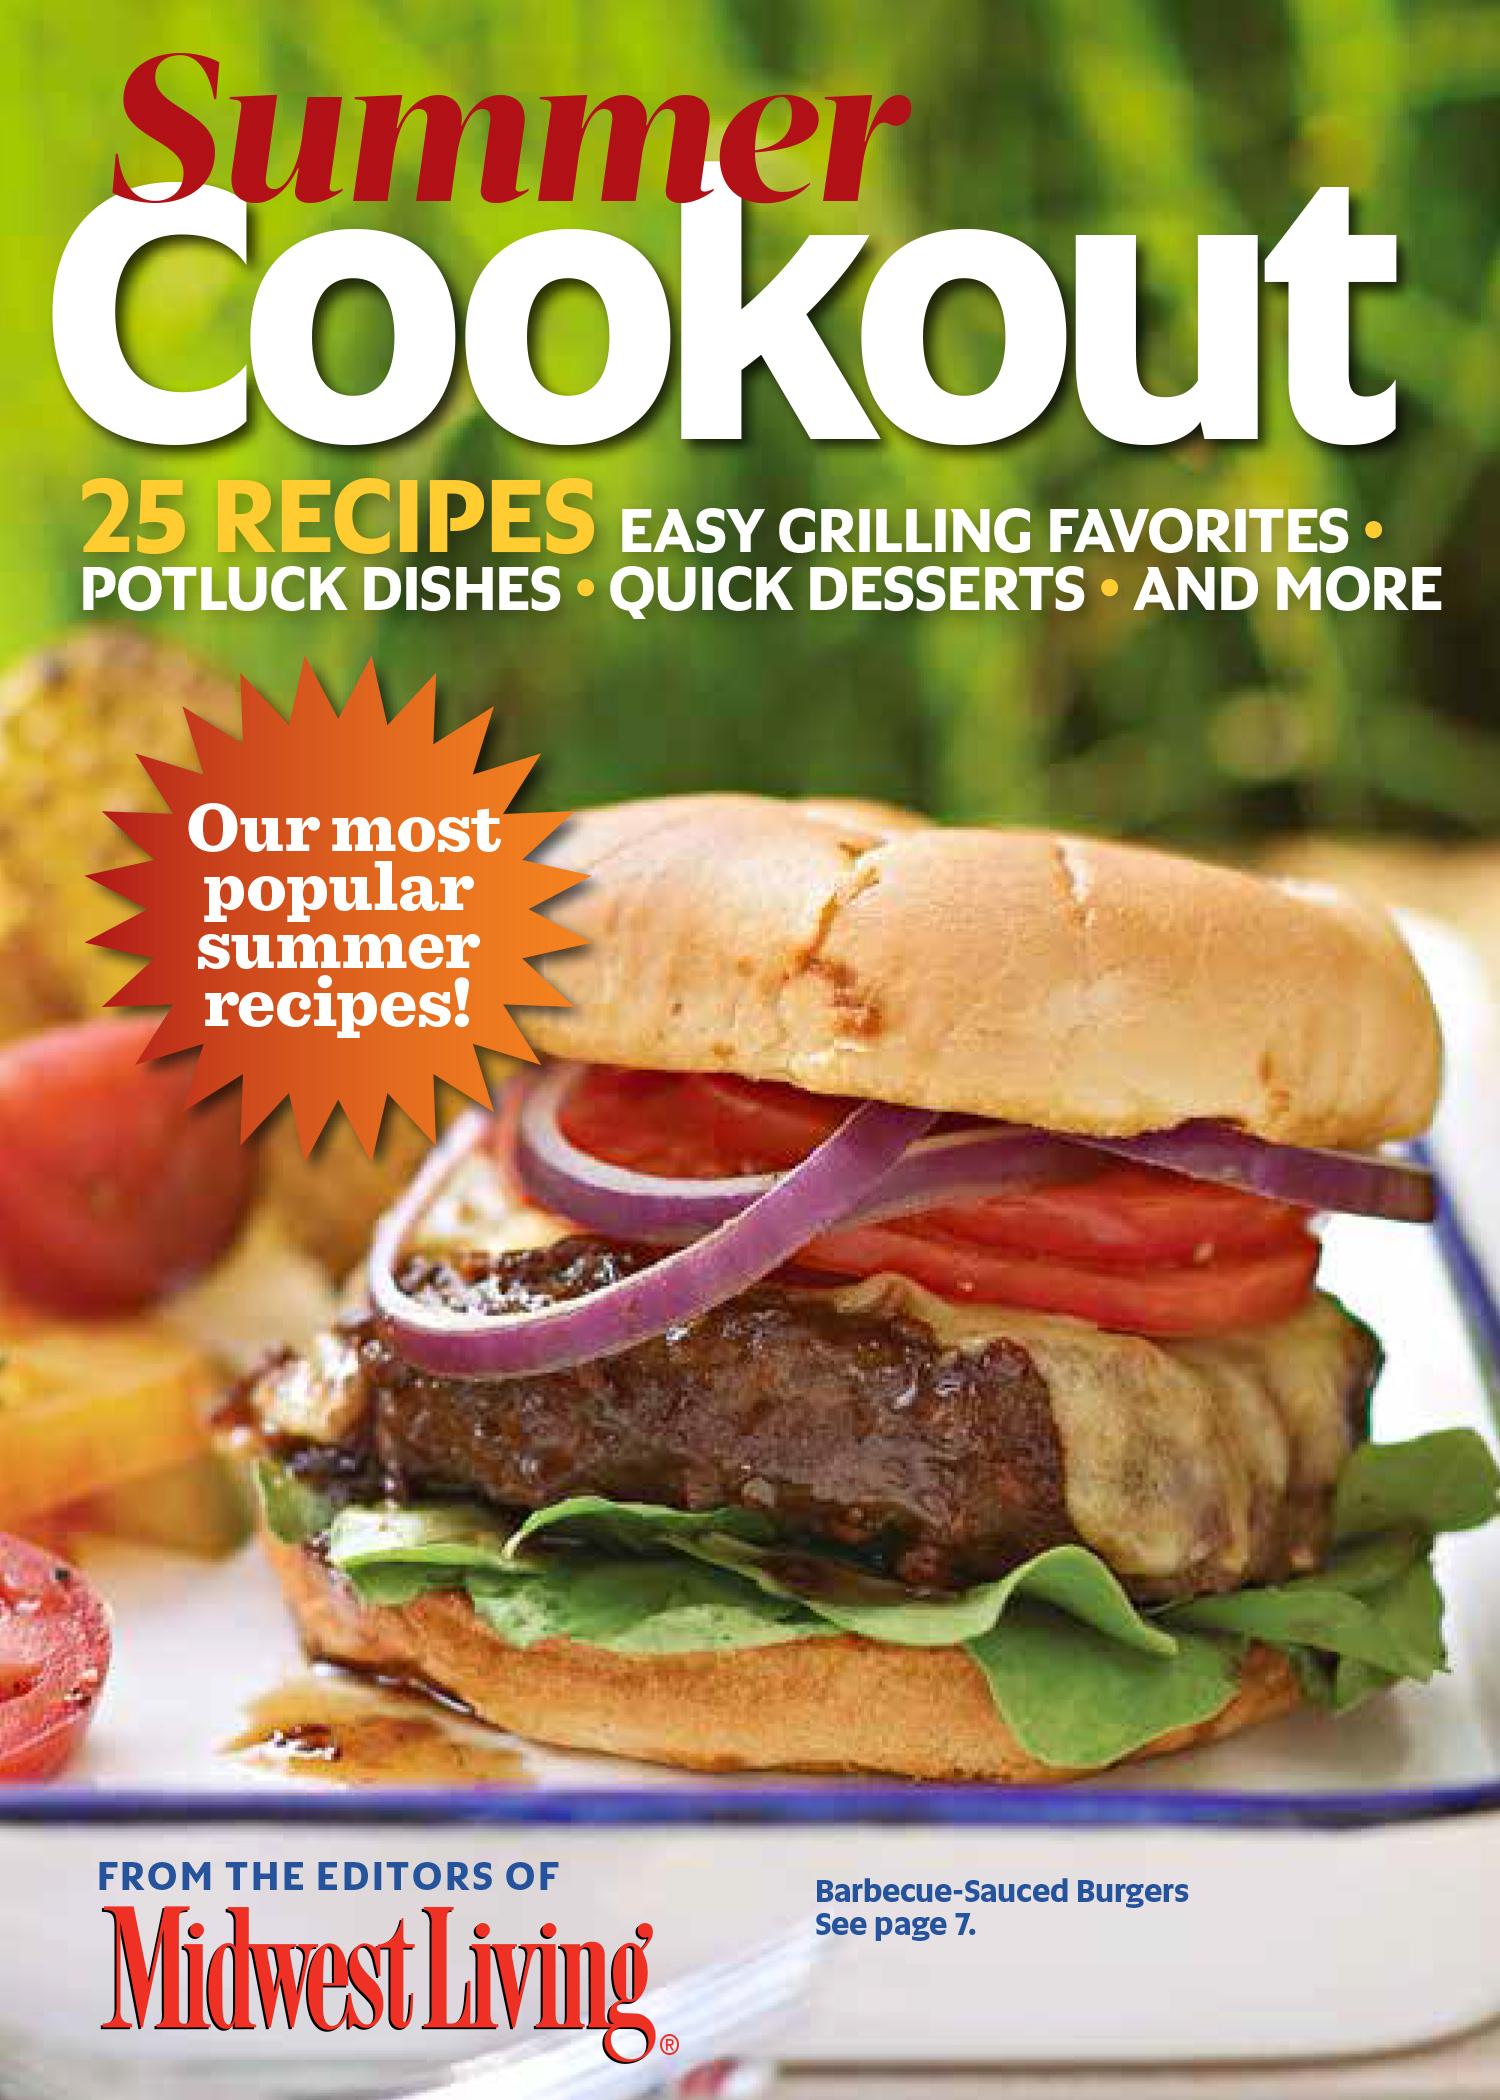 Summer-Cookout-1